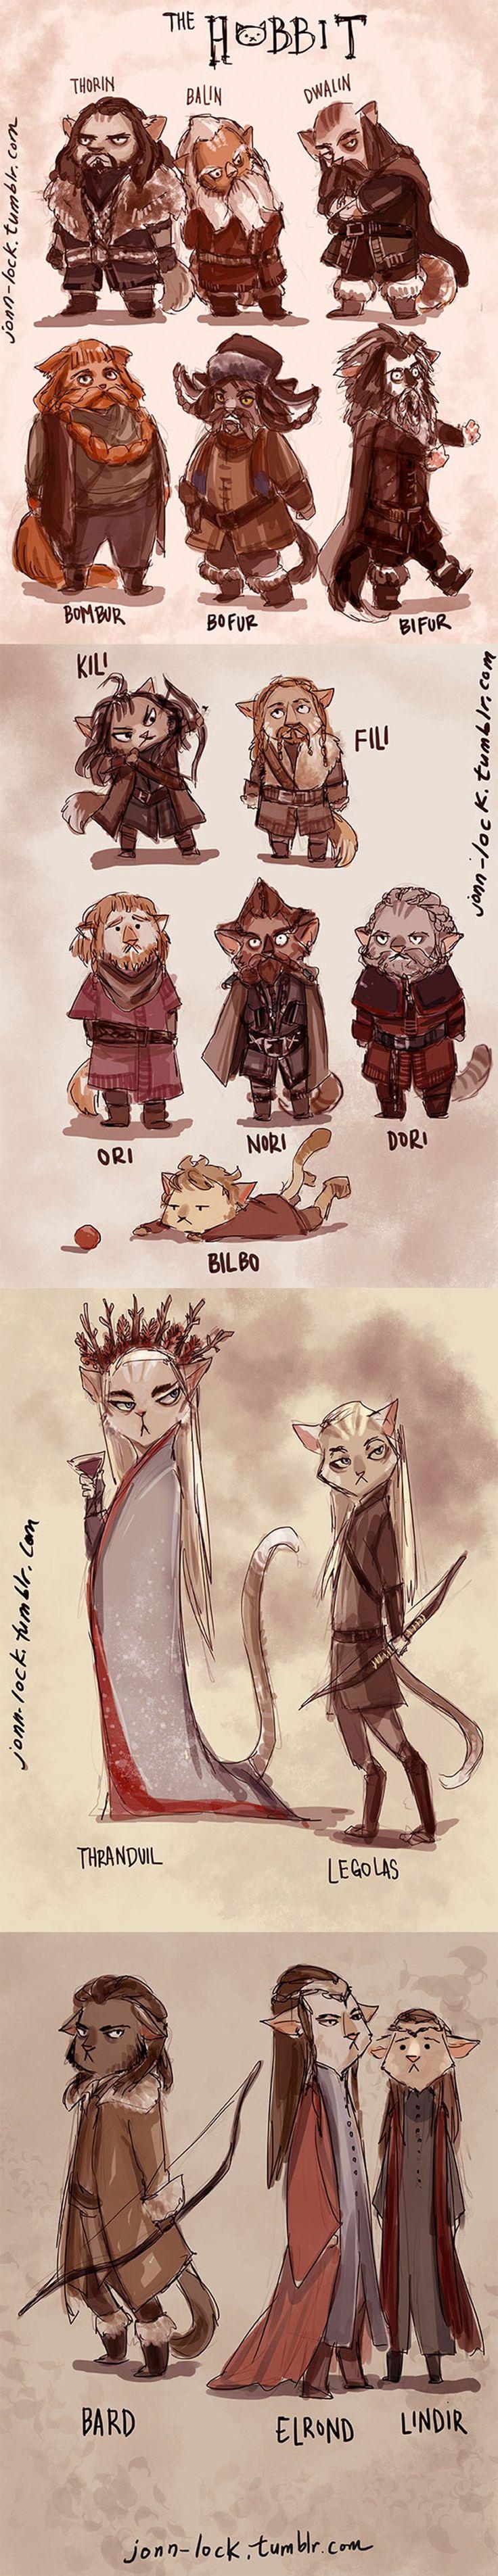 Cat Hobbits Cast by Jon-Lock kittens funny comedy cartoon novelty The Hobbit…